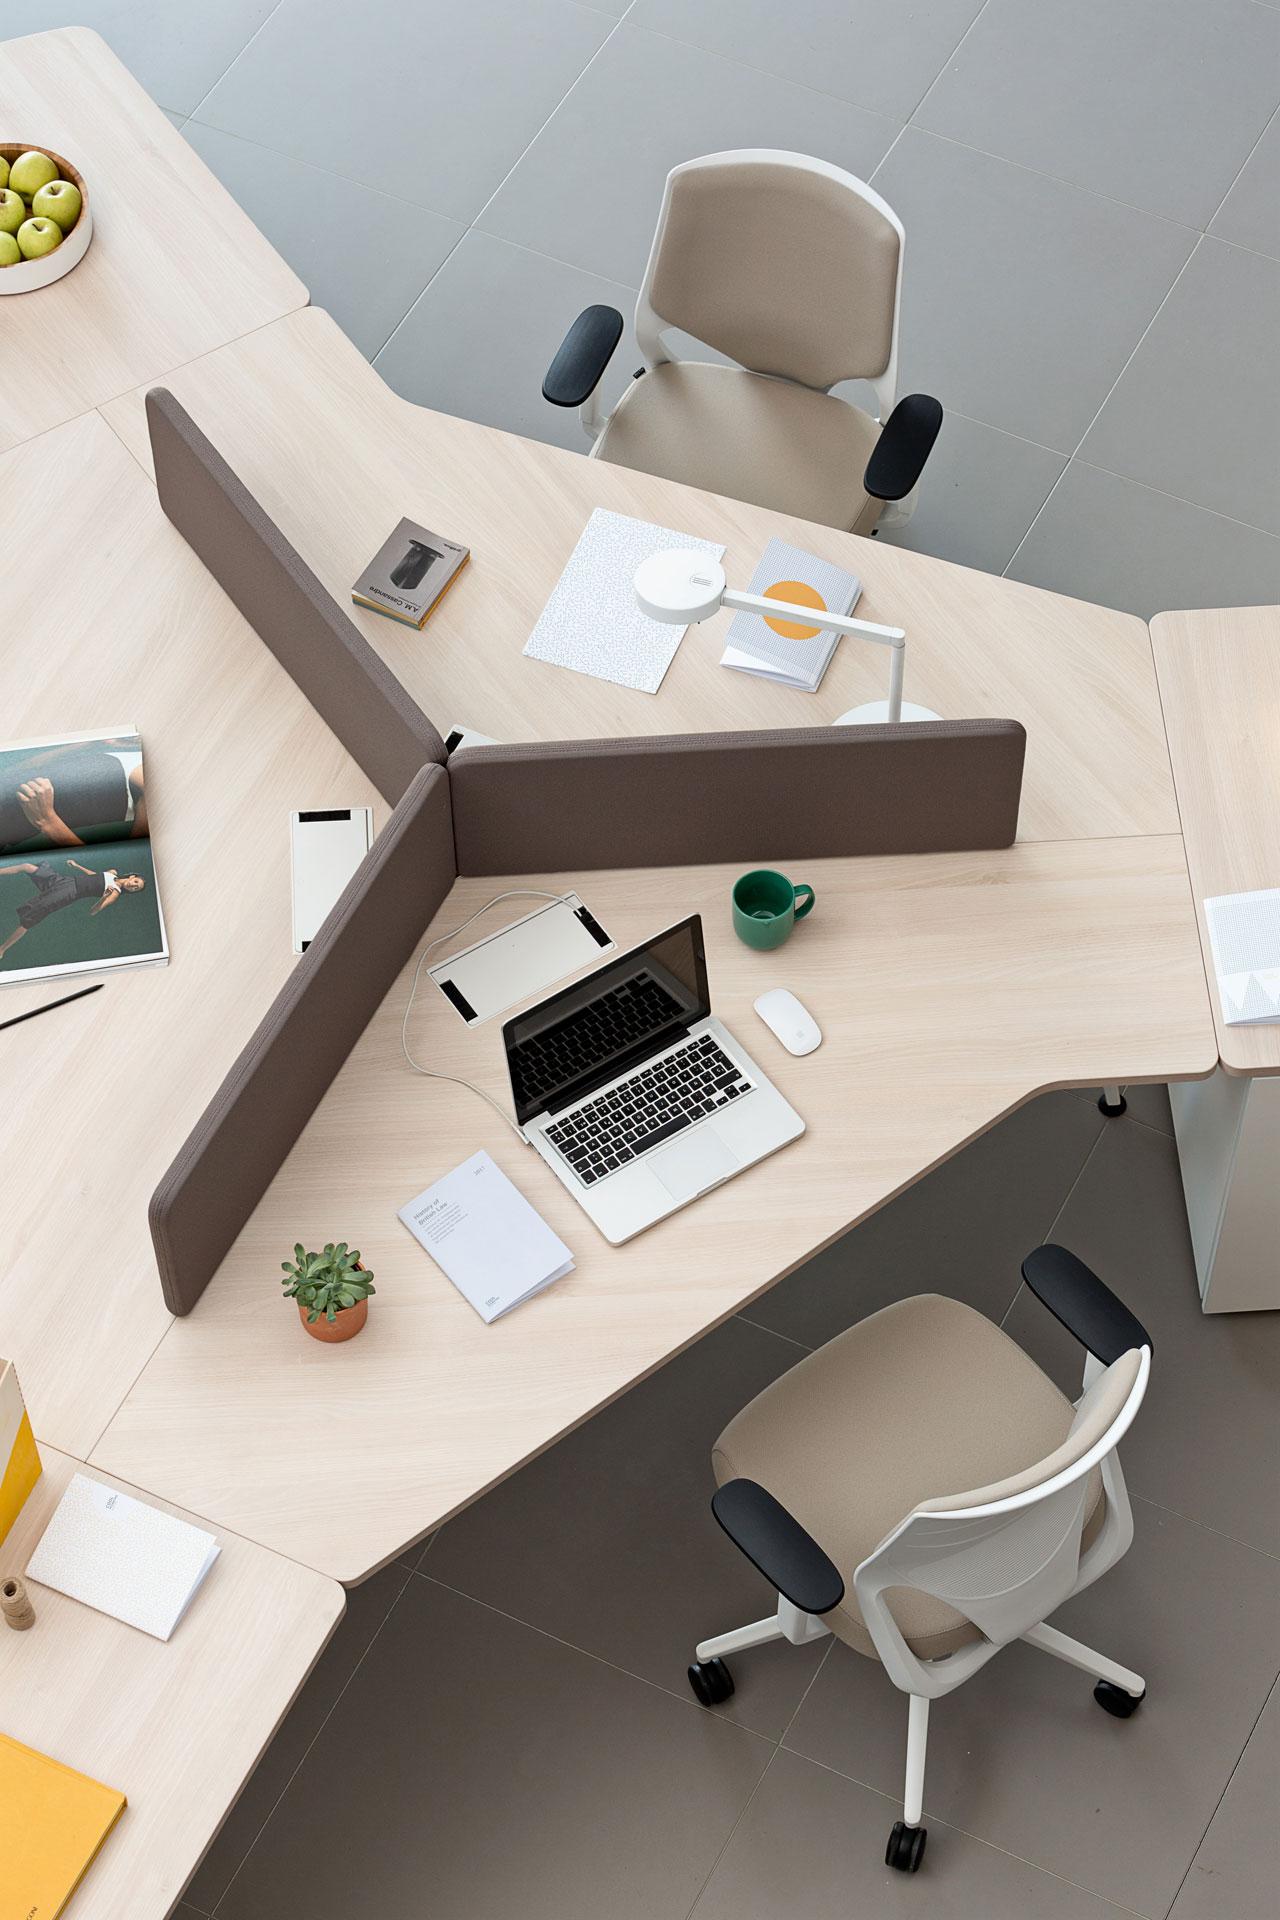 sillas-oficina-efit-gallery-4 - Spacioveintiuno | Muebles de ...